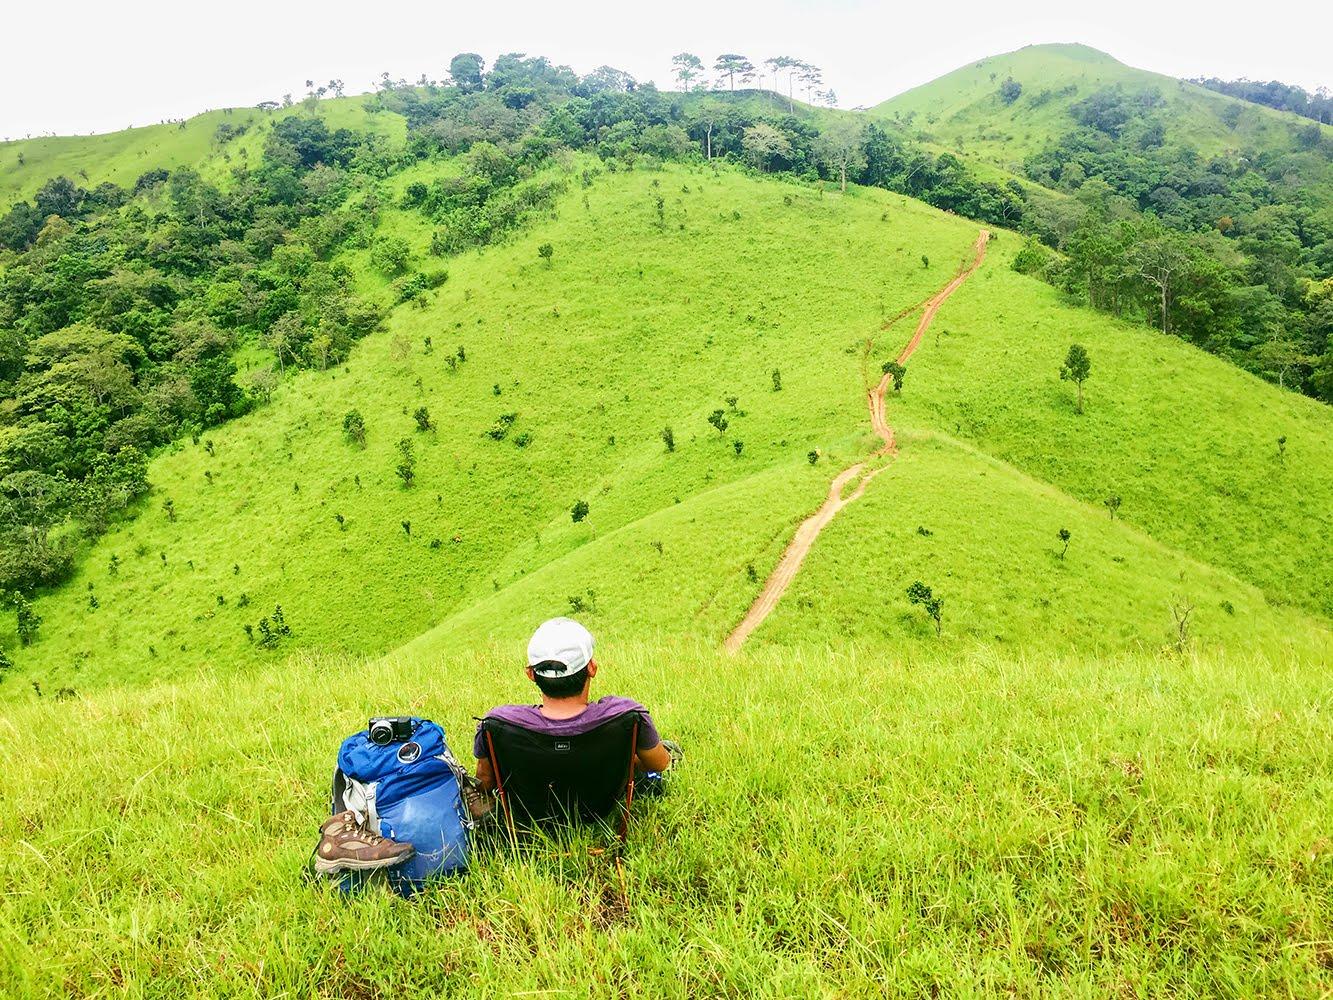 Vùng đồi cỏ xanh rì như một bức tranh đầy thơ mộng